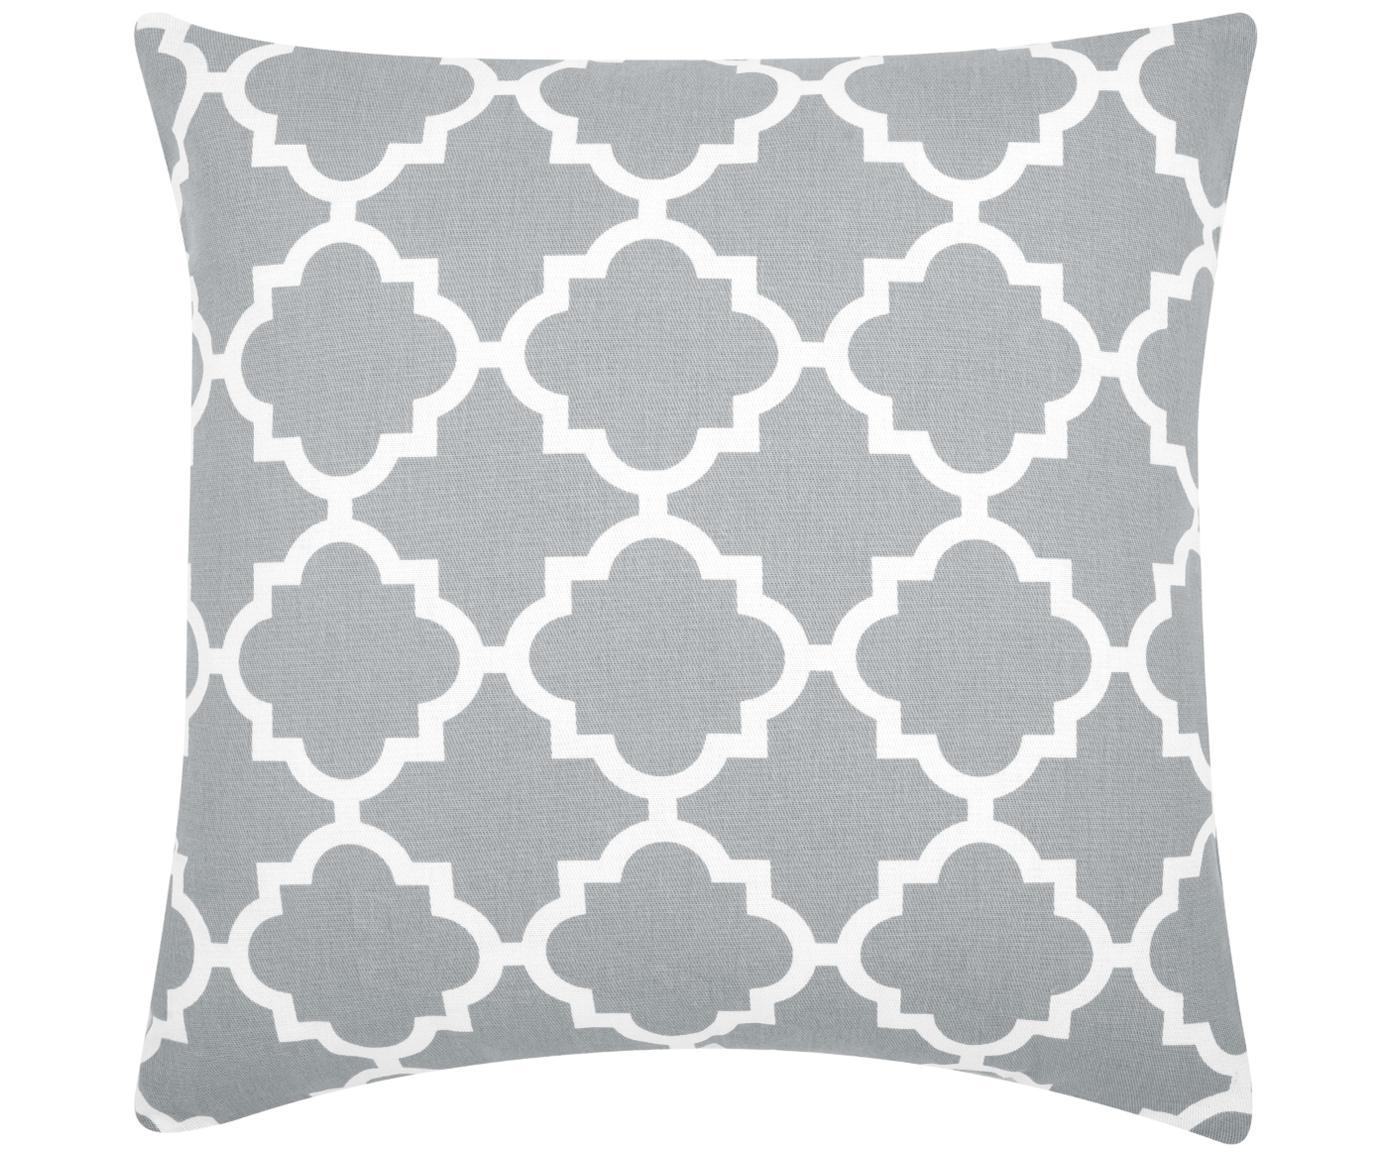 Kissenhülle Lana mit grafischem Muster, 100% Baumwolle, Grau, Weiß, 45 x 45 cm